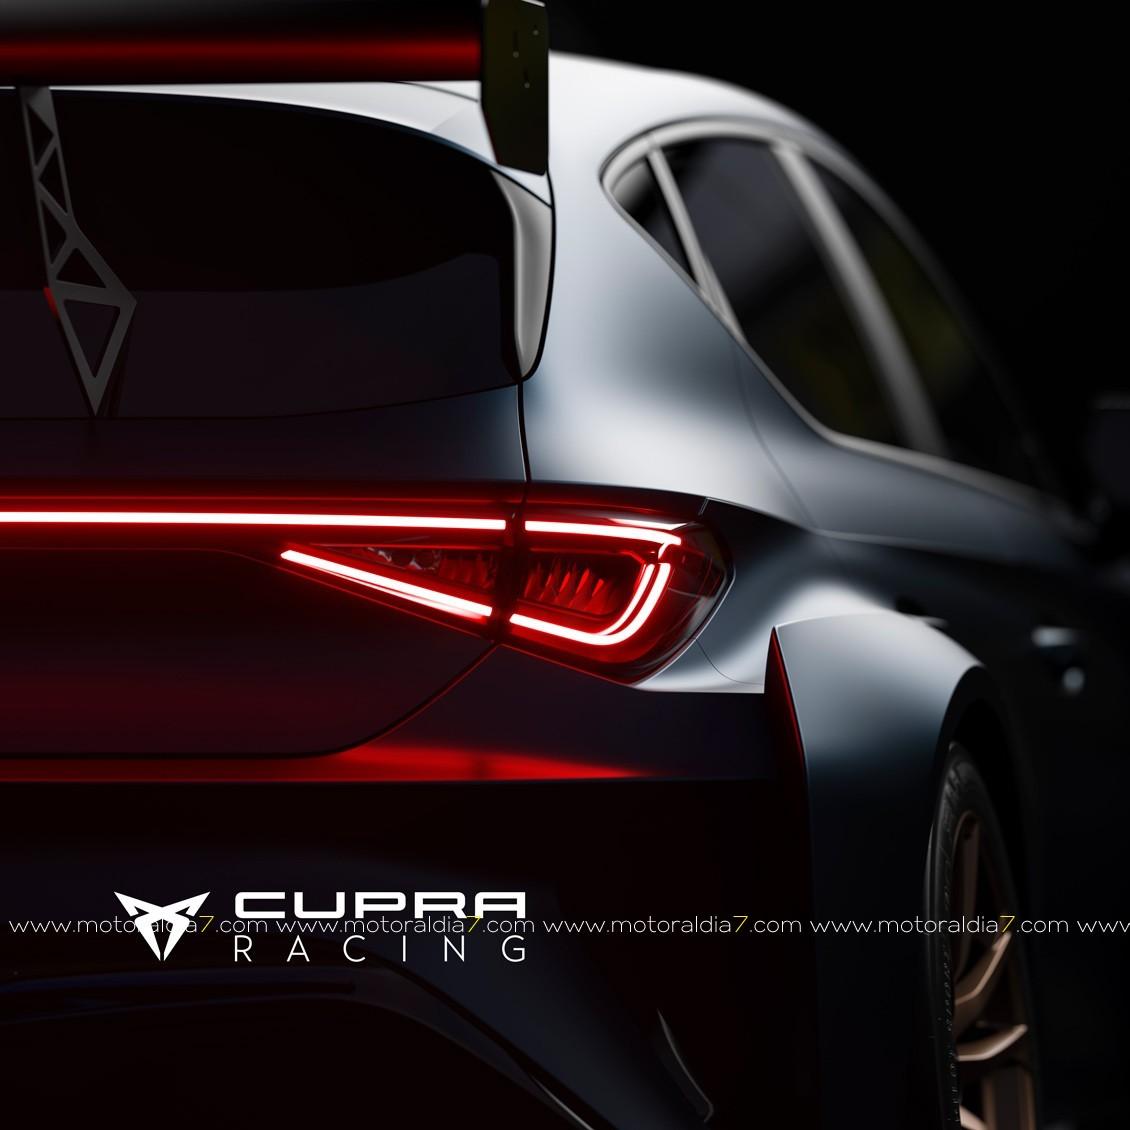 Comienzan las pre-reservas del nuevo CUPRA TCR